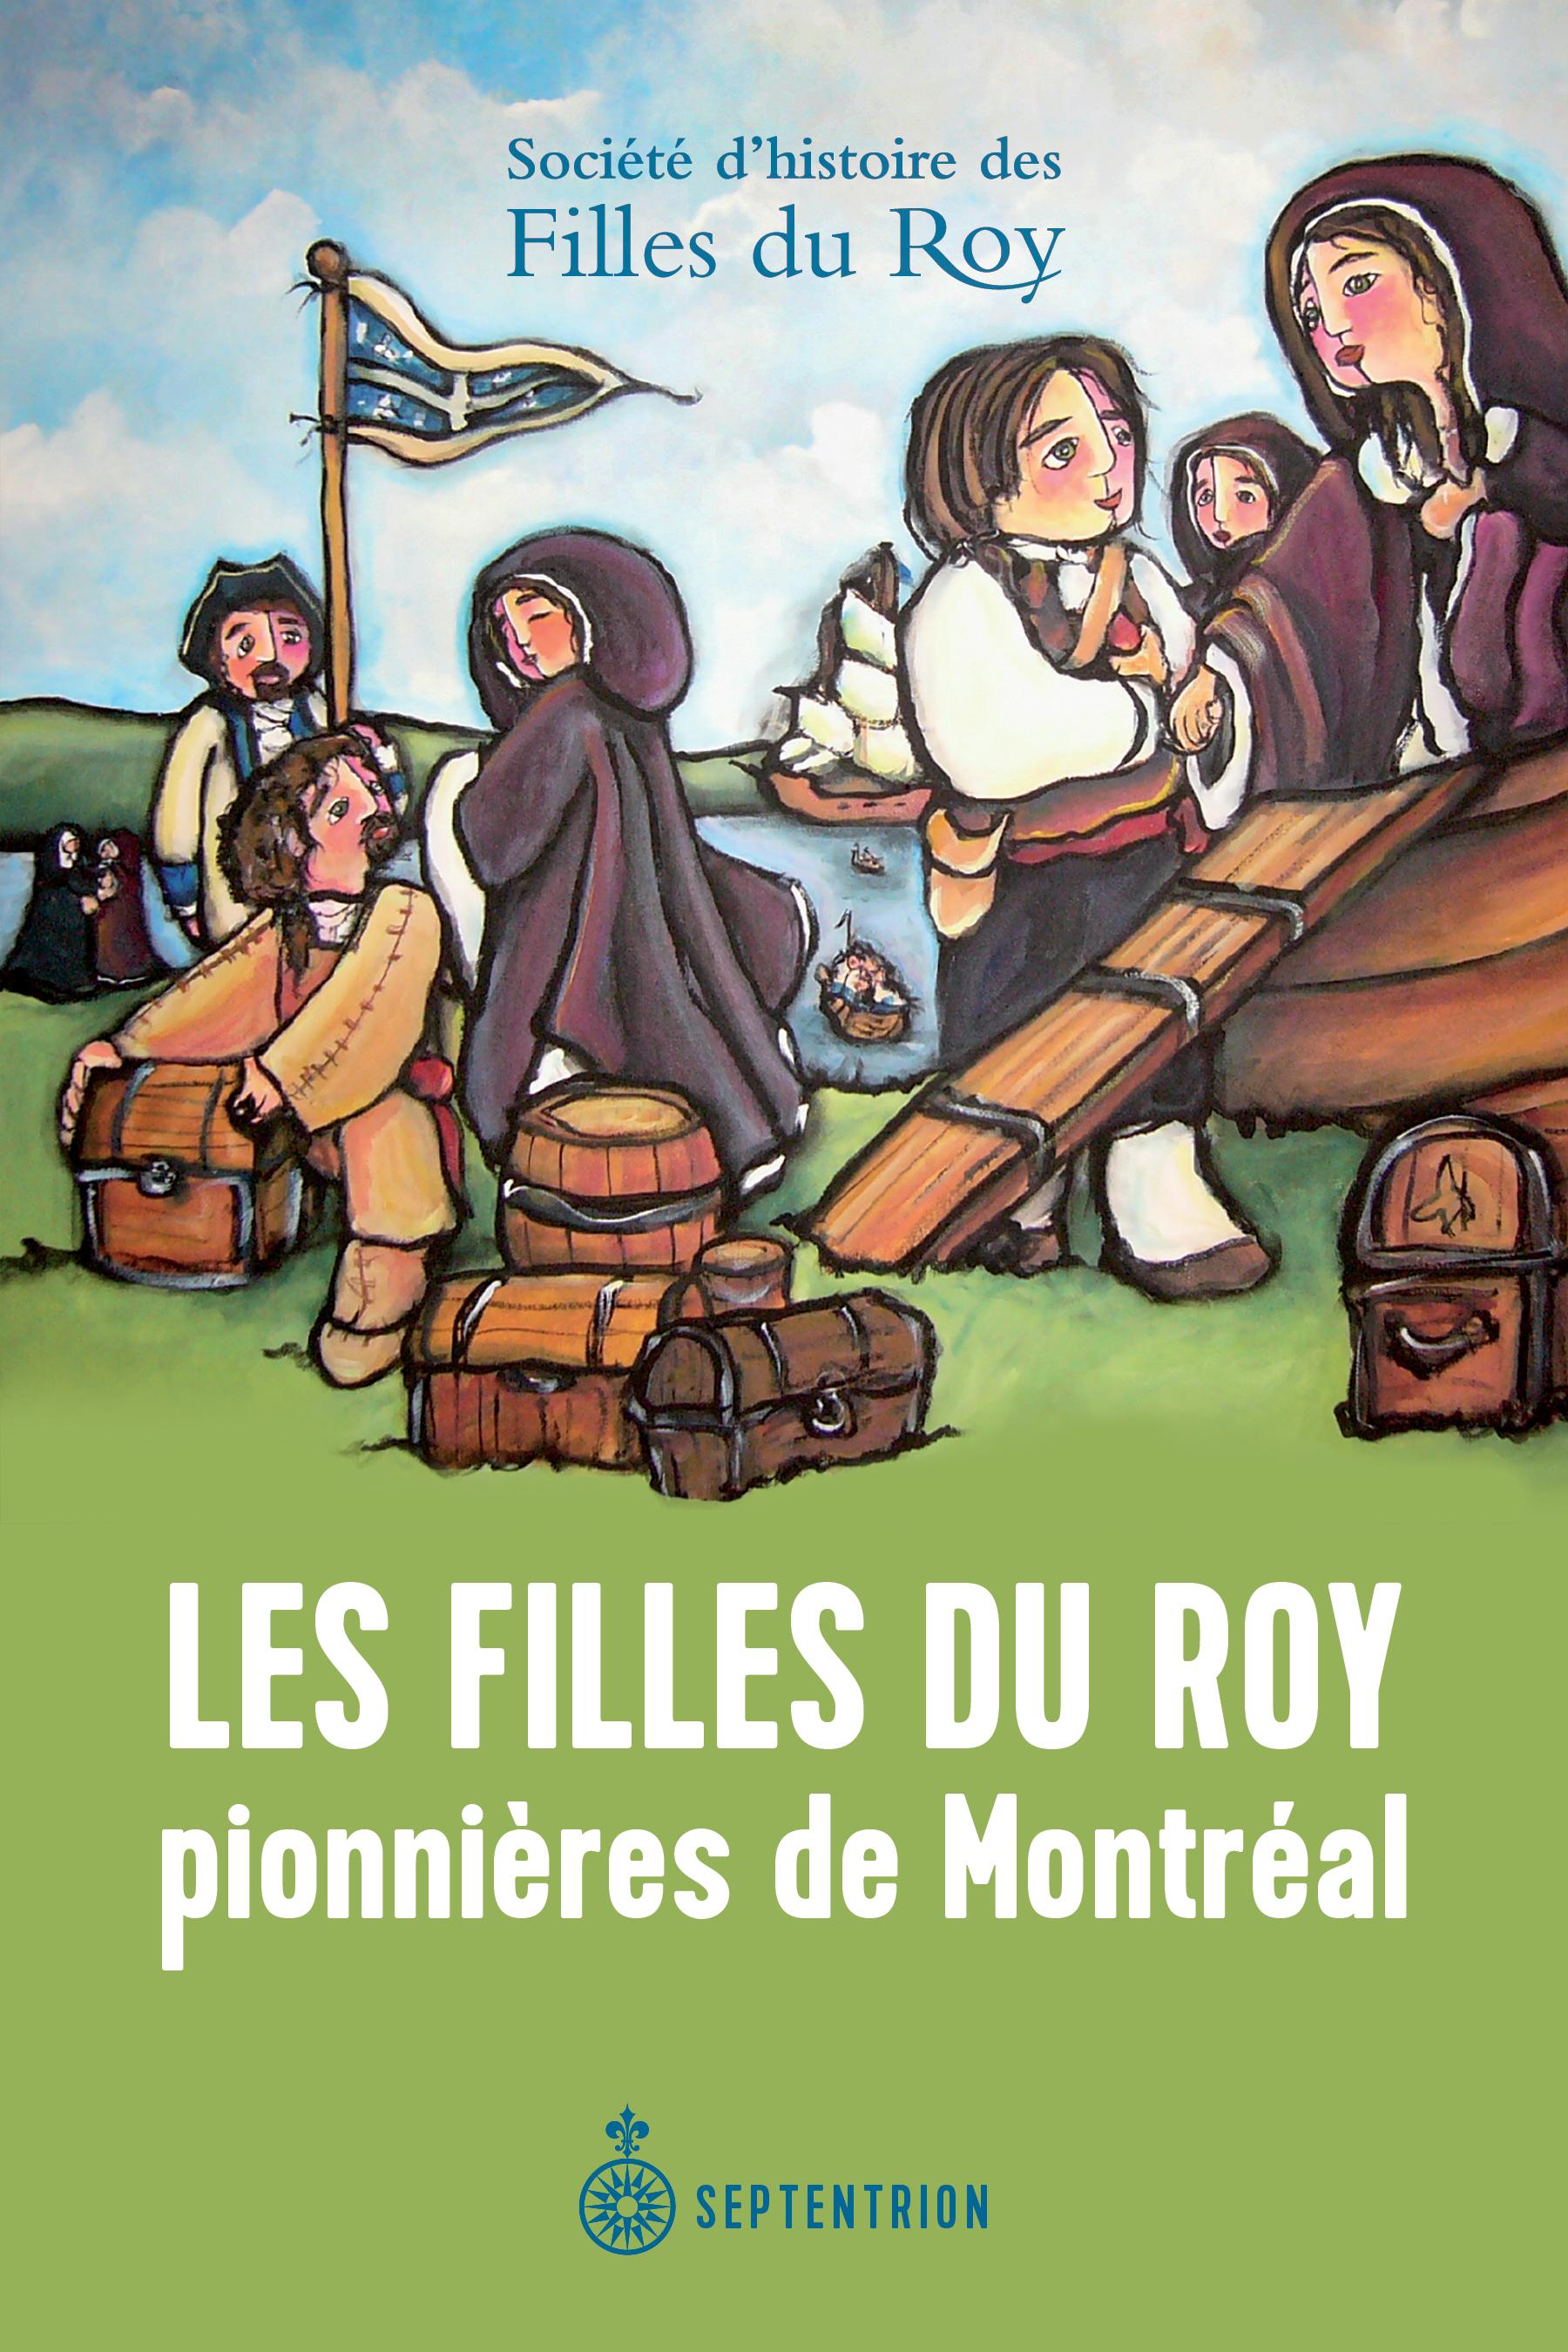 Les Filles du Roy pionnières de Montréal